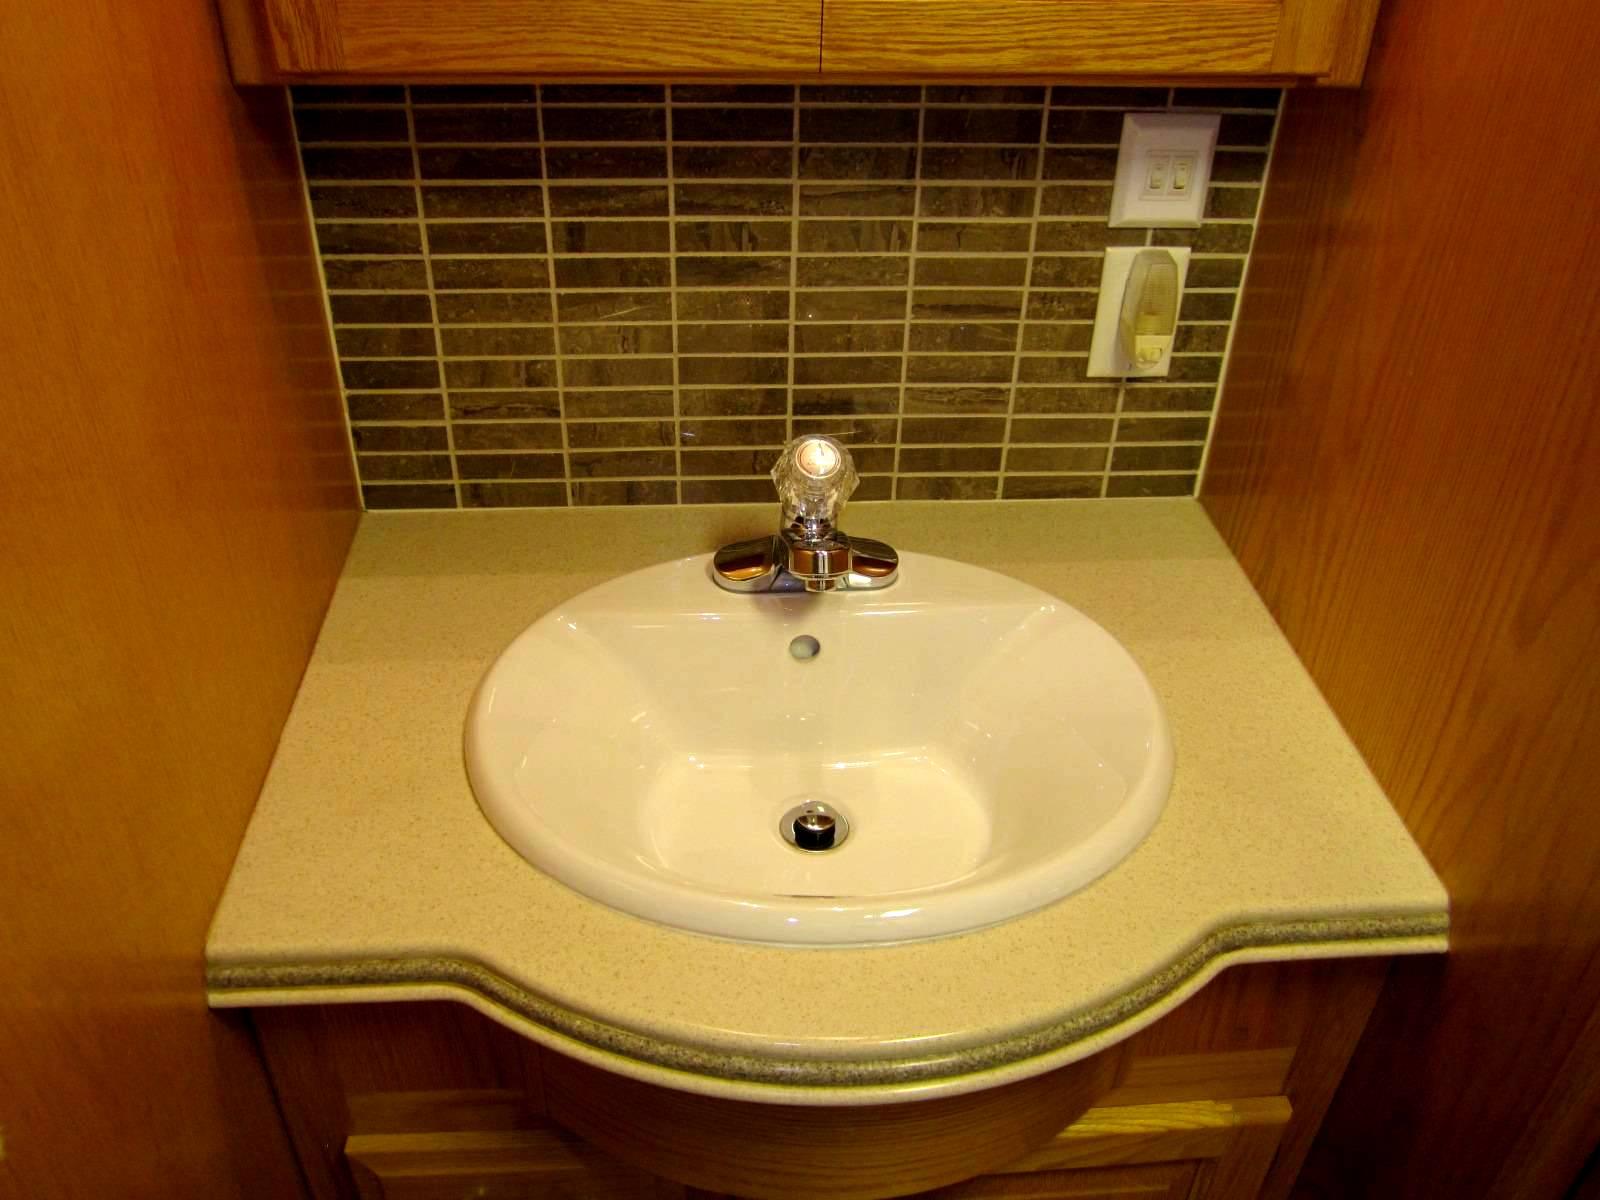 Click image for larger version  Name:4. updated backsplash & sink.jpg Views:89 Size:153.3 KB ID:46257